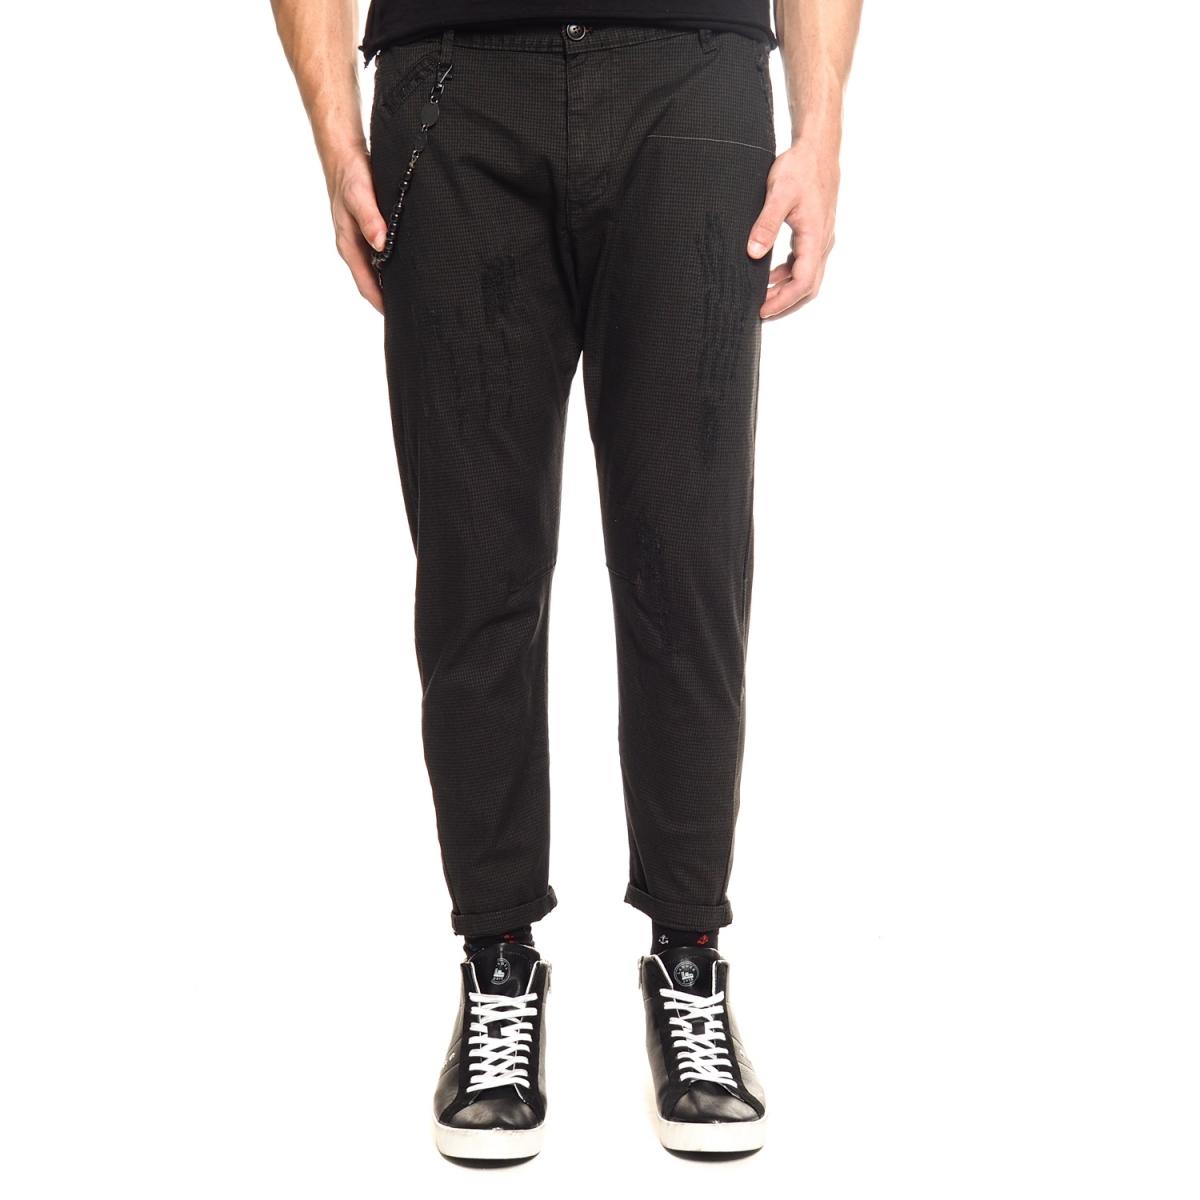 abbigliamento Pantaloni OUTLET uomo Pantalone LP2758 LANDEK PARK Cafedelmar Shop